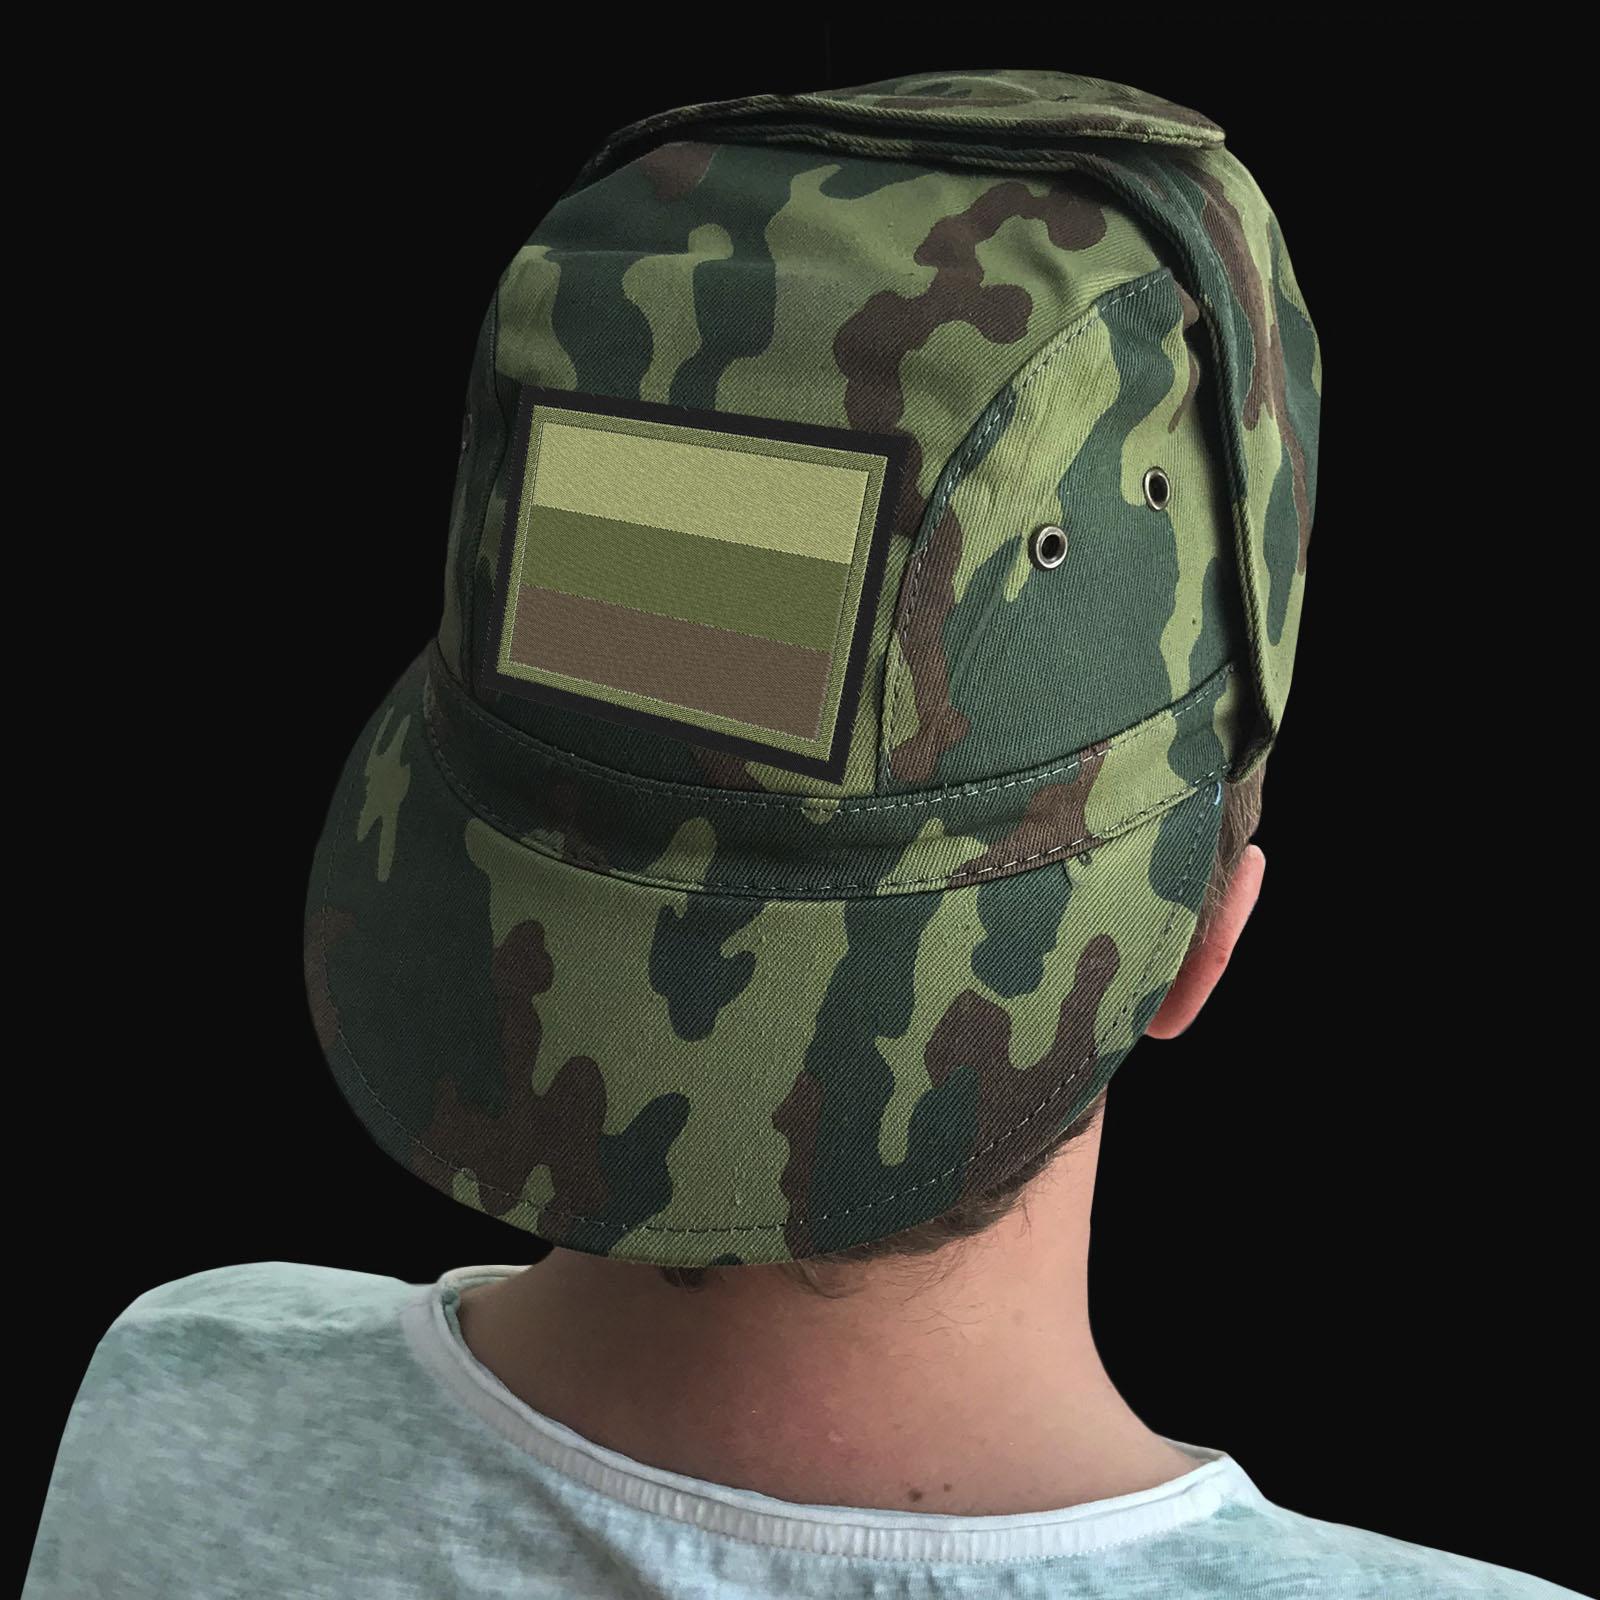 Купить в интернет магазине патриотическую кепку с флагом РФ